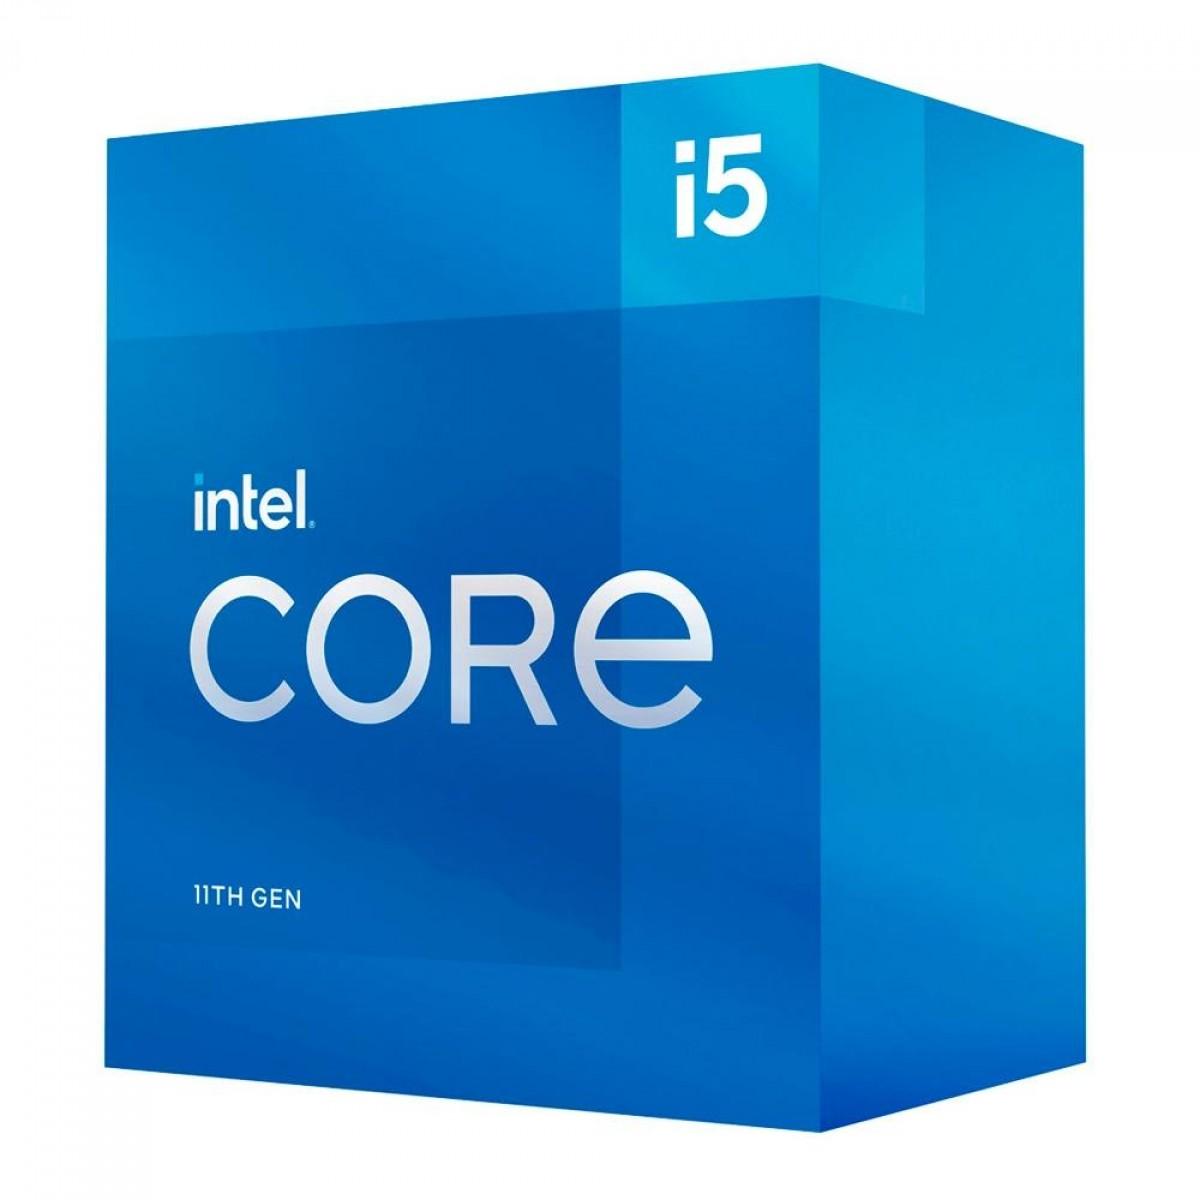 Processador Intel Core i5 11500 2.7GHz (4.6GHz Turbo), 11ª Geração, 6-Cores 12-Threads, LGA 1200, BX8070811500